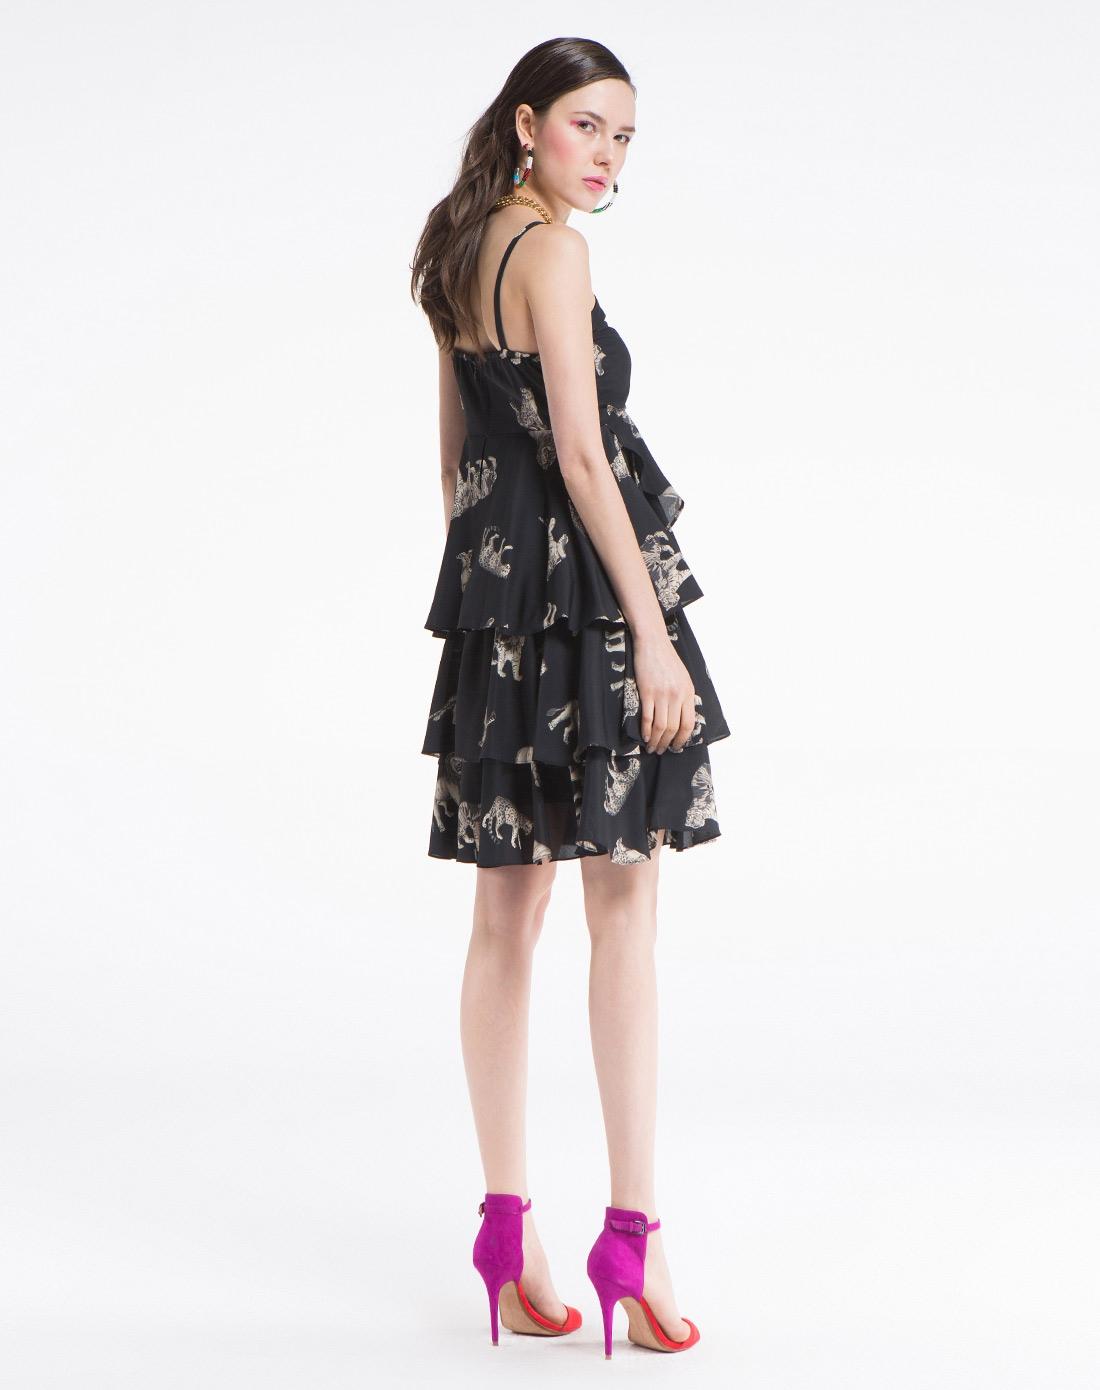 动物纹洛丽塔蛋糕型吊带连衣裙